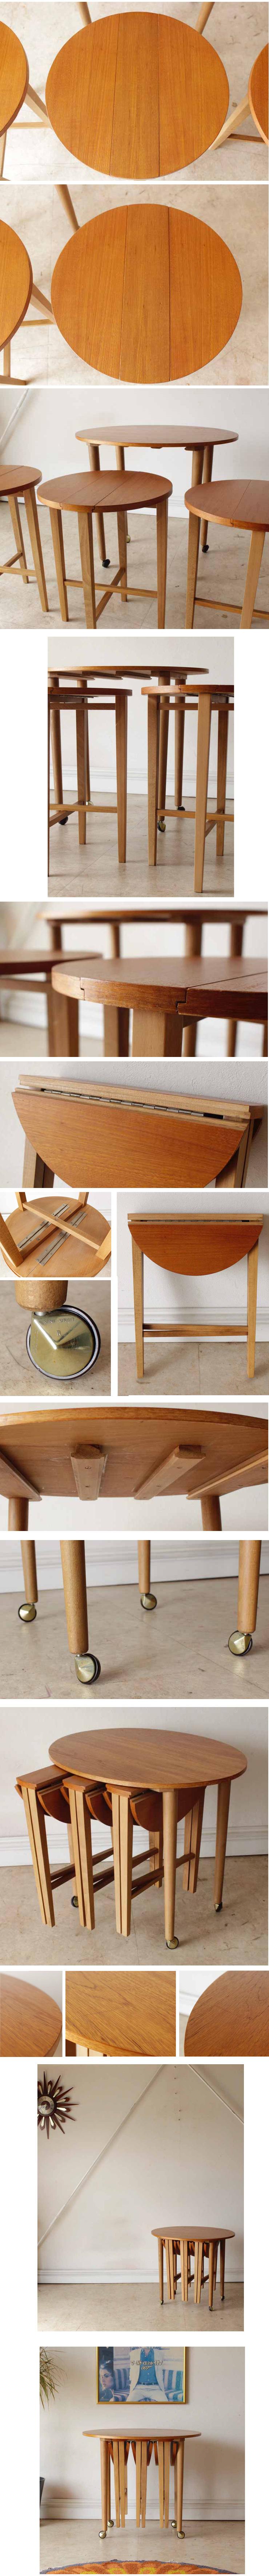 ビンテージアンティーク・サイドテーブル・コーヒーテーブル・ネストテーブル・イギリス製家具